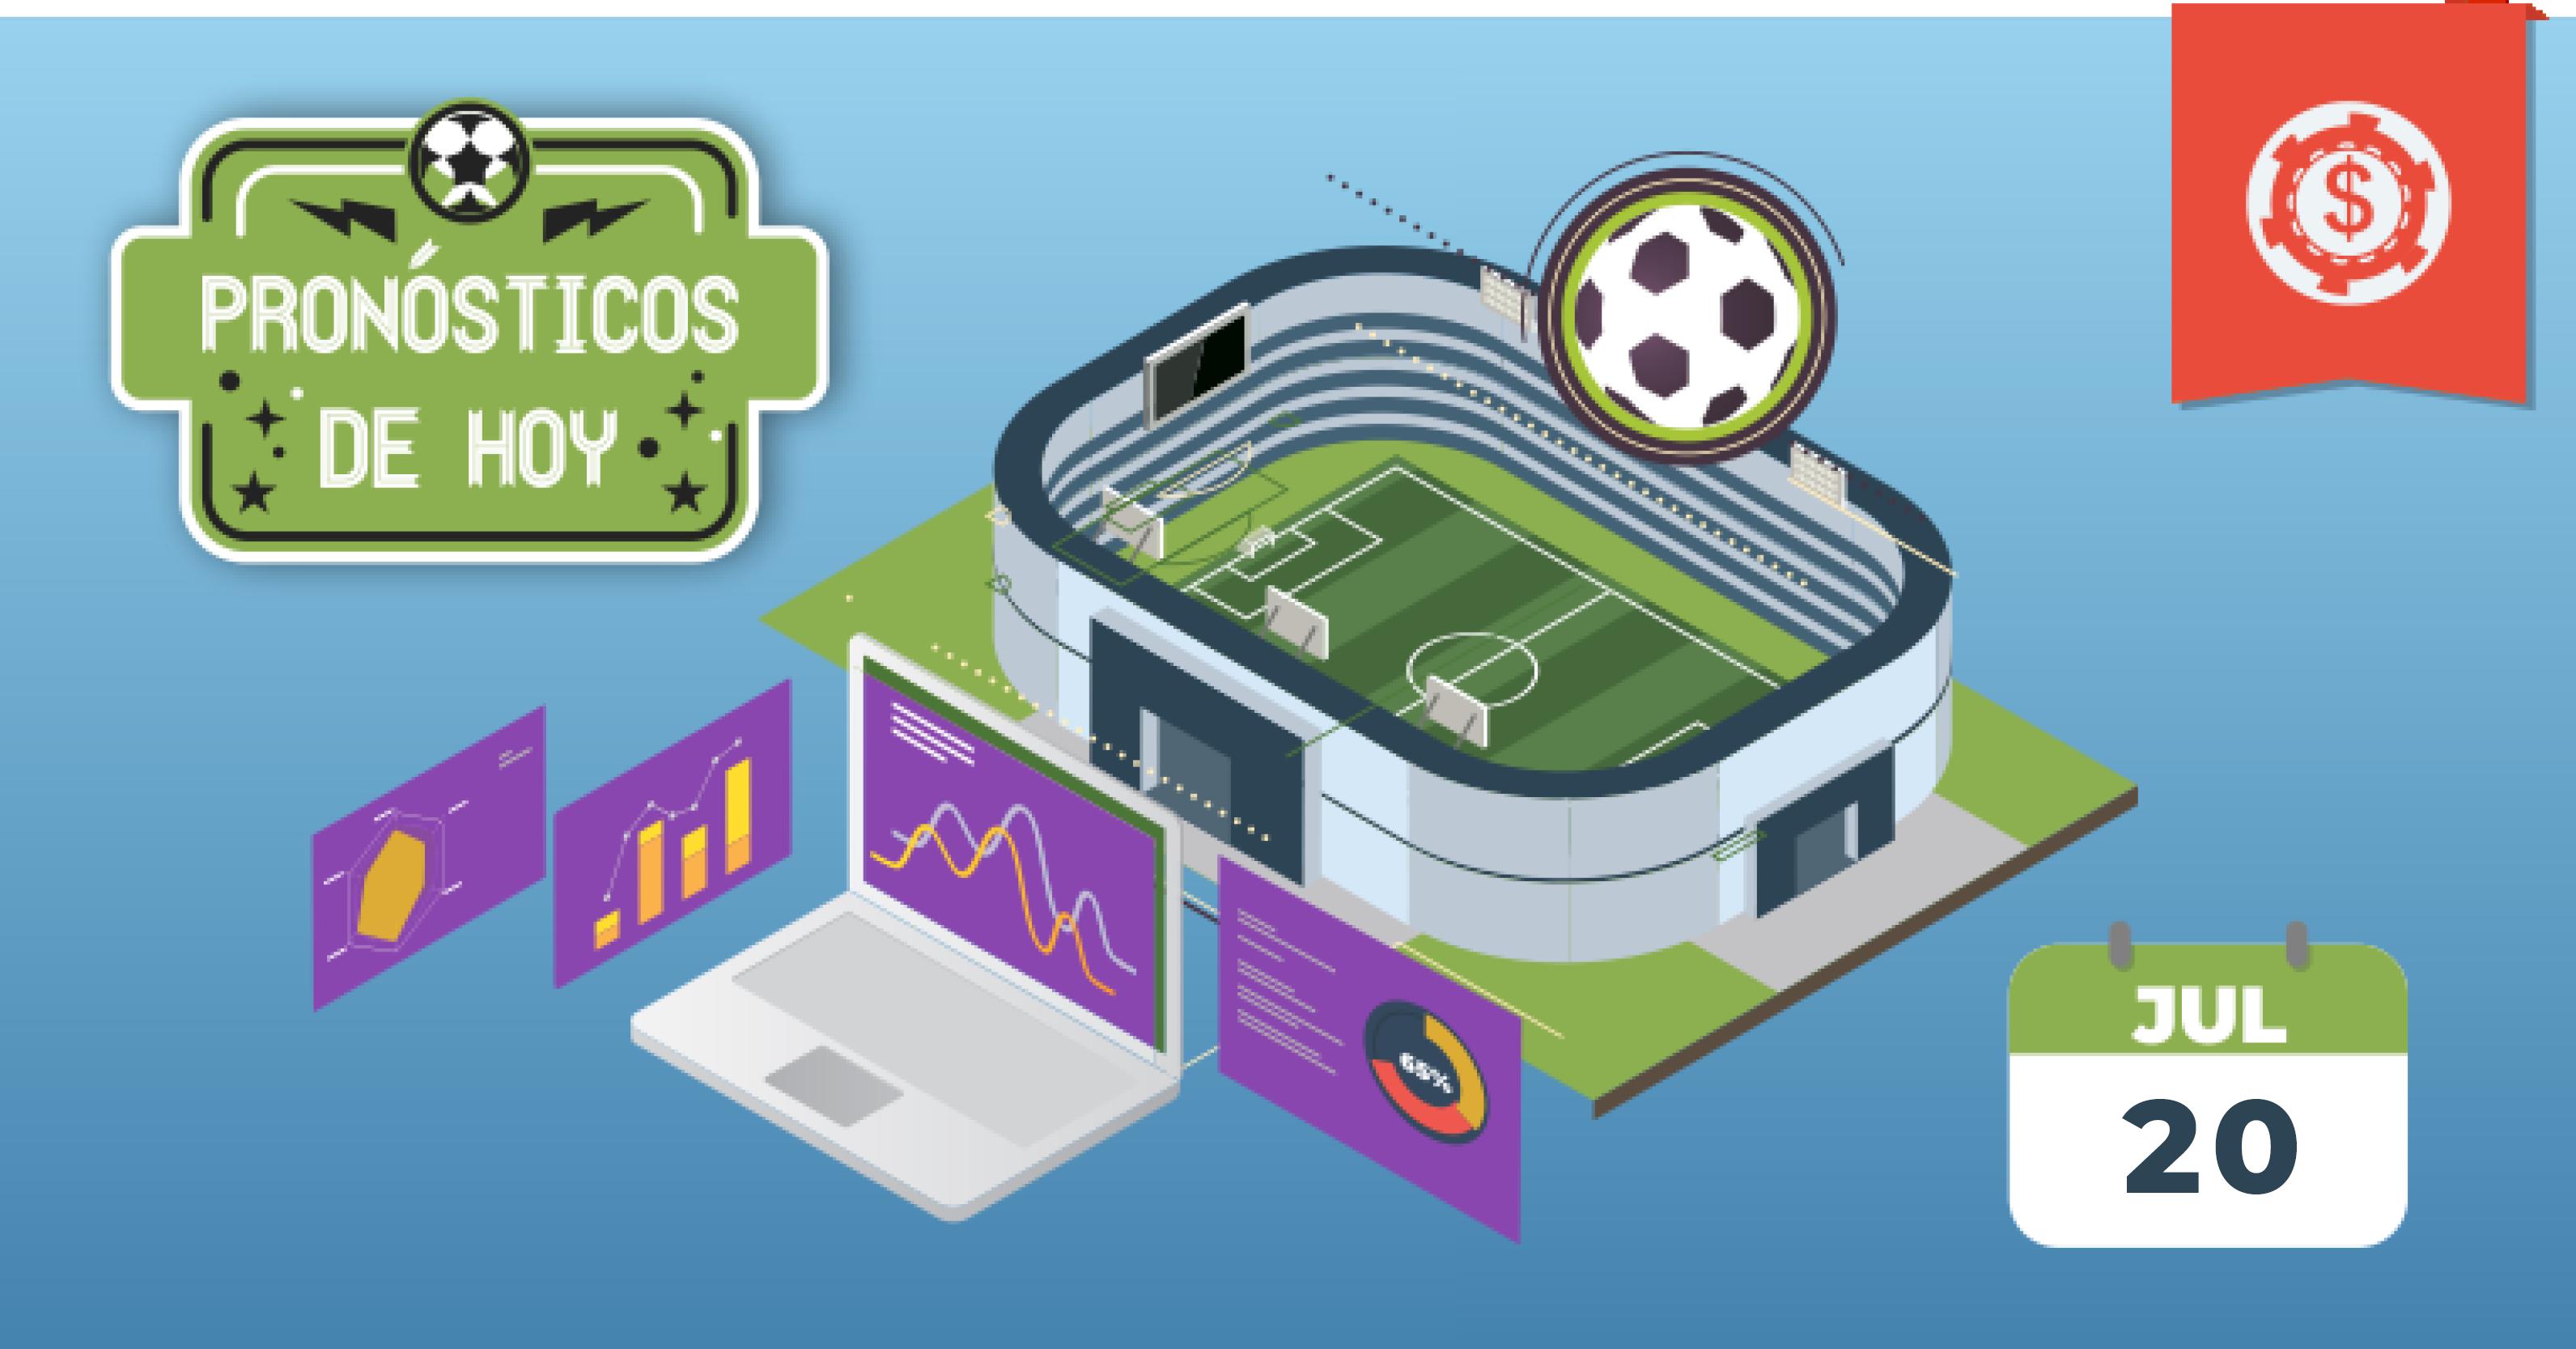 pronosticos-futbol-hoy-predicciones-20-julio-2019